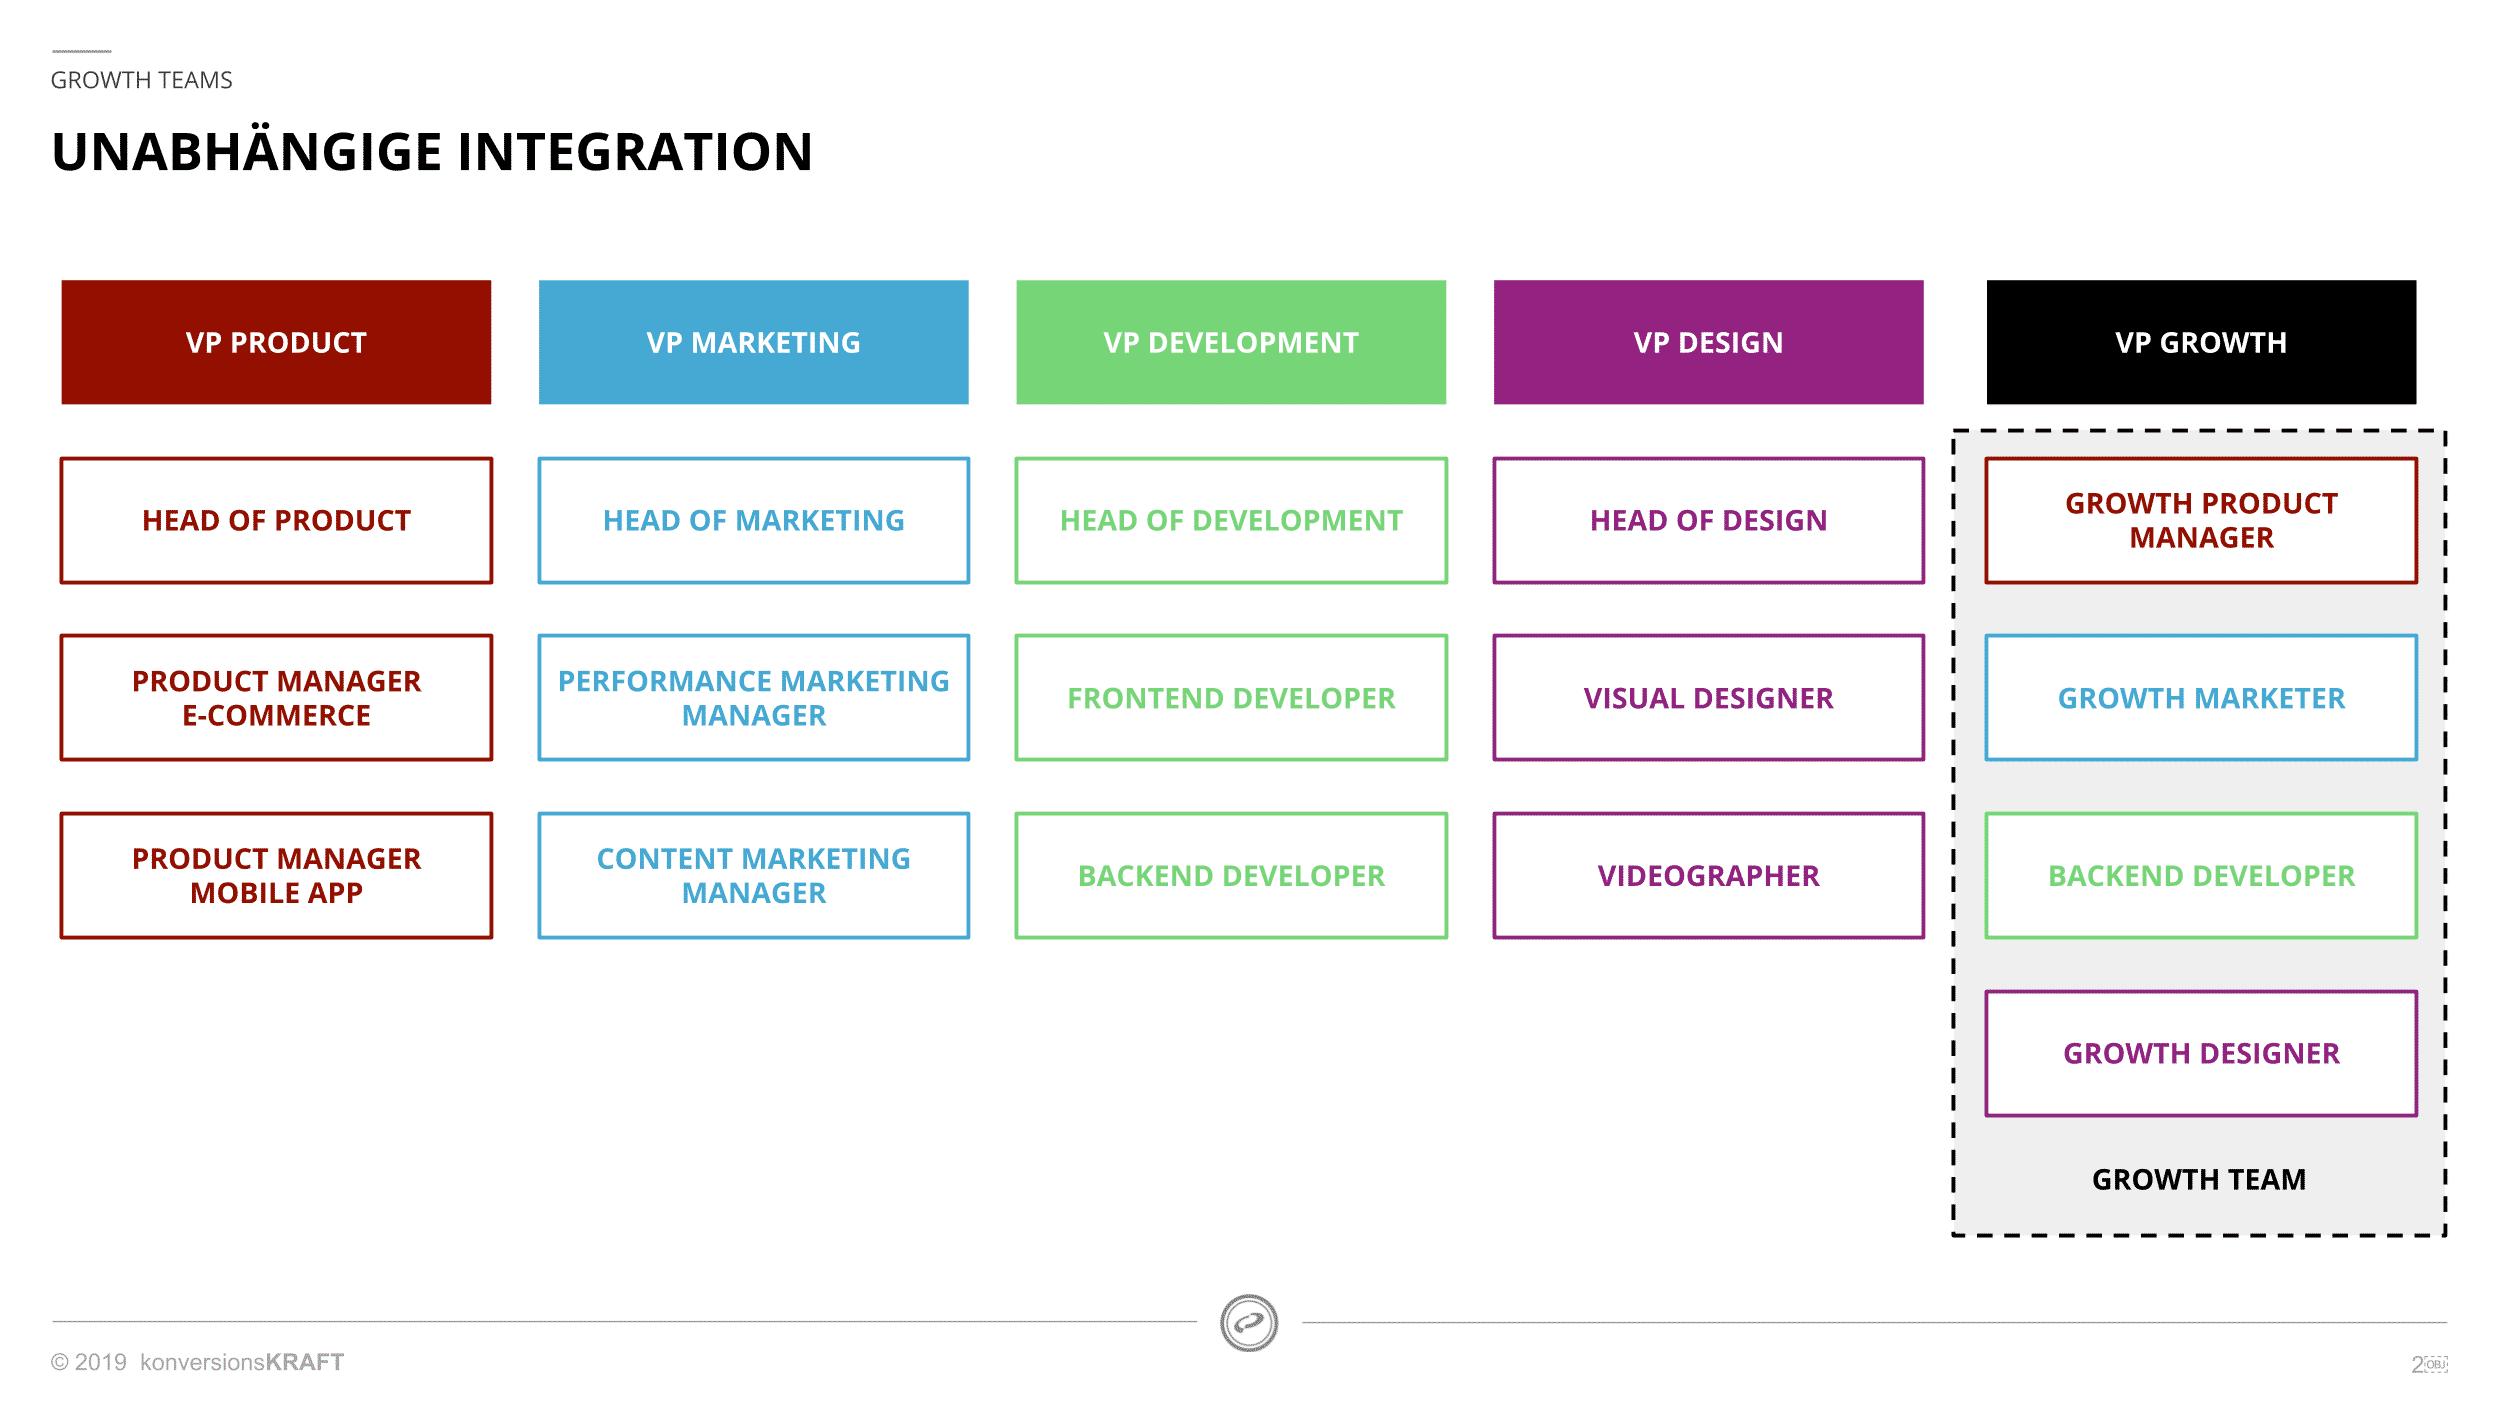 Growth Teams: Unabhängige Integration